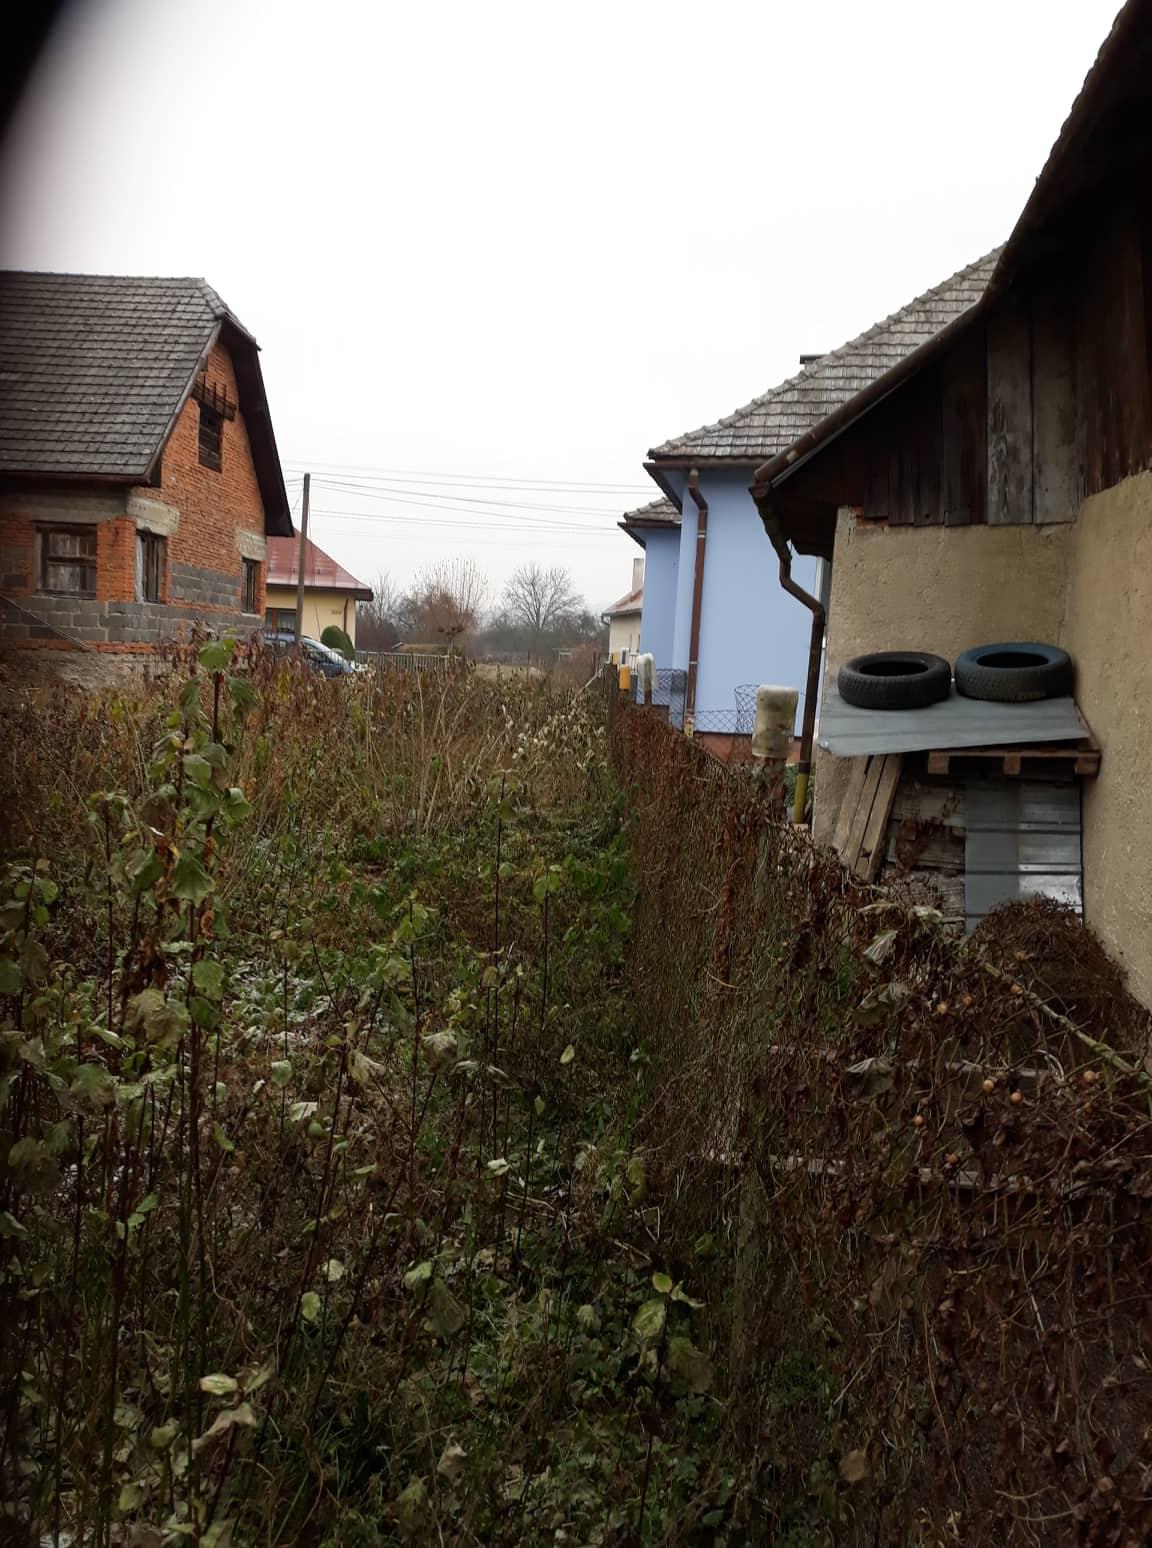 Rekonštrukcia domu-alebo chceme si splniť sen =》🏠🌻🌼🐶  mat domcek a vratit sa na Slovensko - pohlad zo zadu od zahrady na cestu